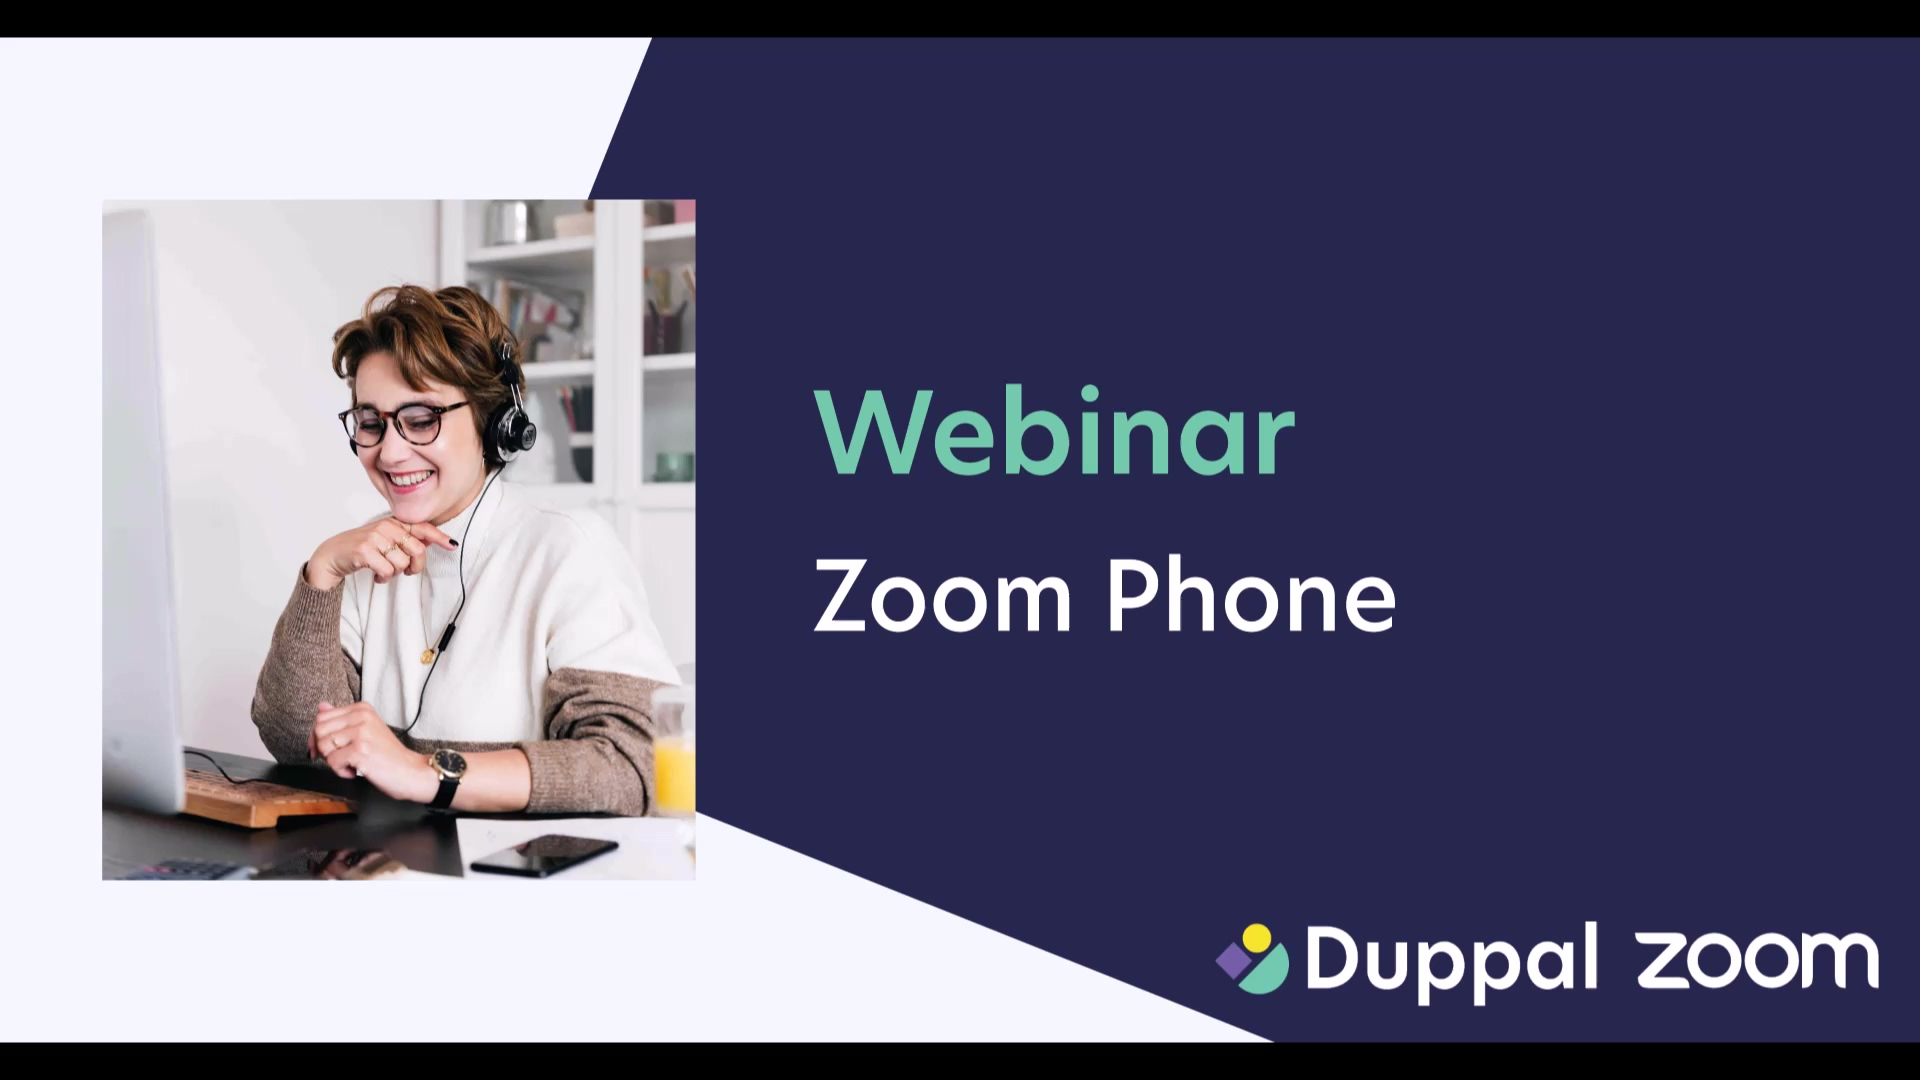 Duppal webinar - Zoom Phone